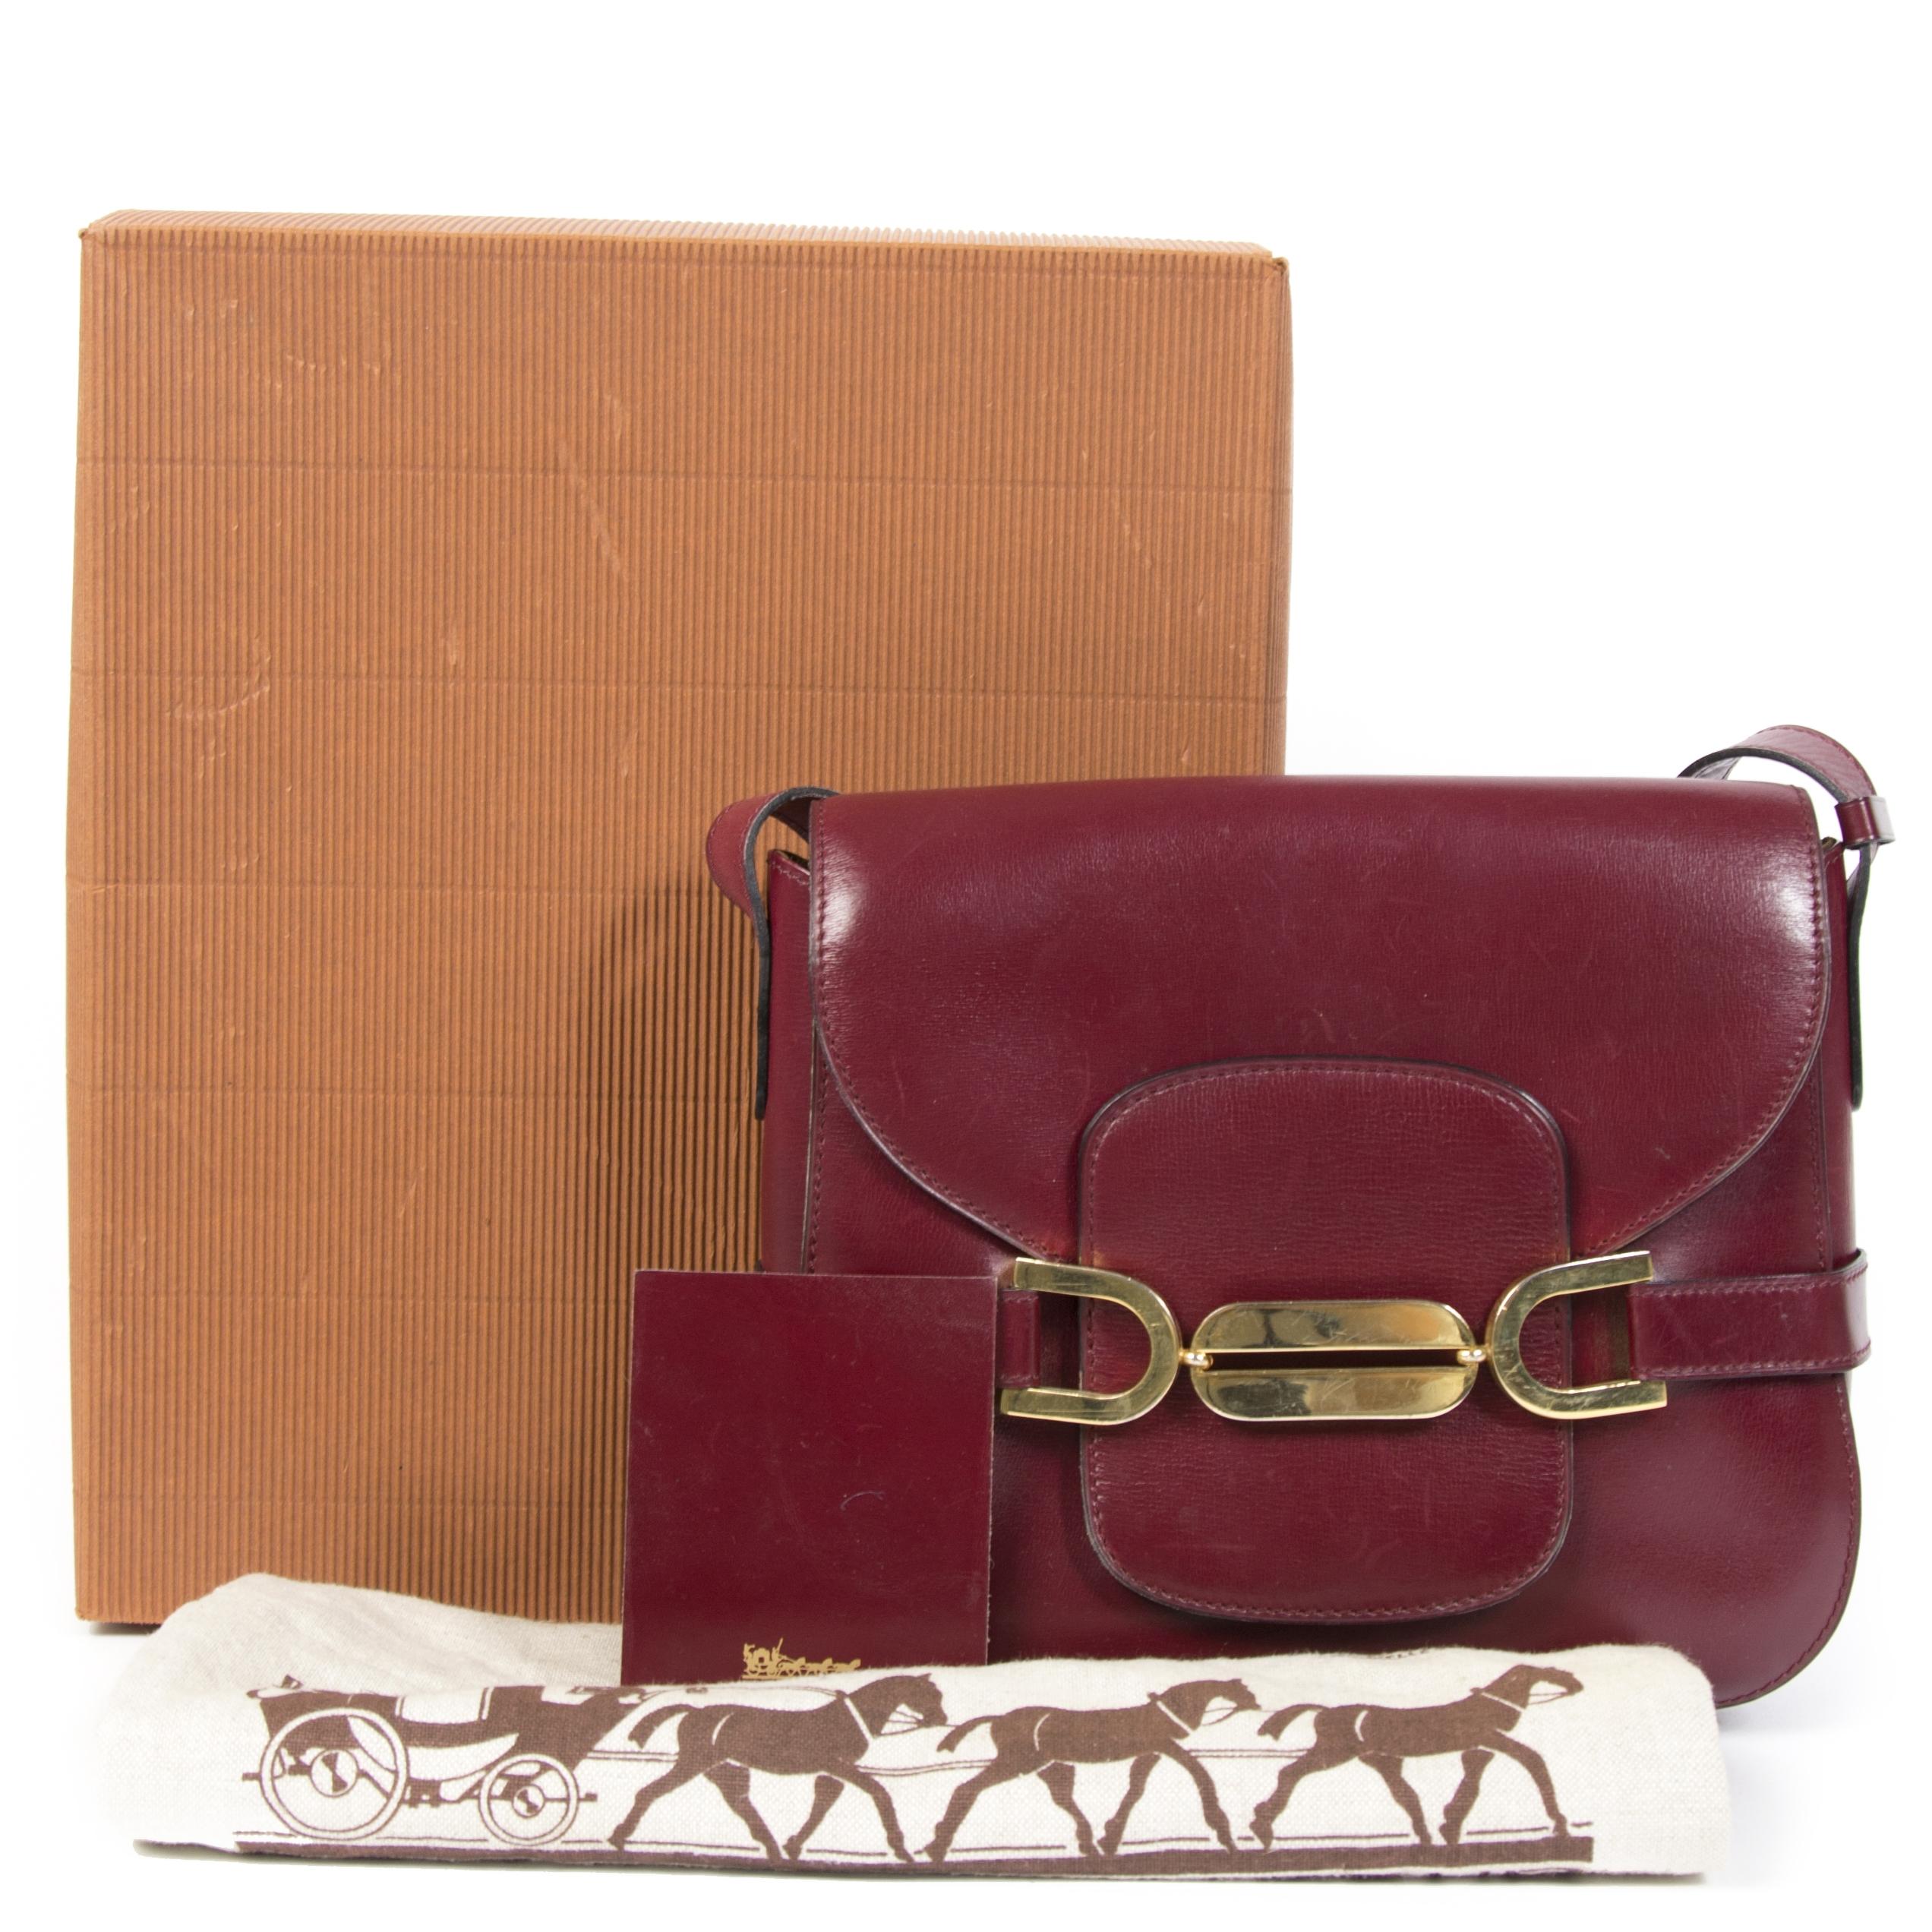 Authentieke Tweedehands Delvaux Burgundy Gold Crossbody Bag juiste prijs veilig online shoppen luxe merken webshop winkelen Antwerpen België mode fashion